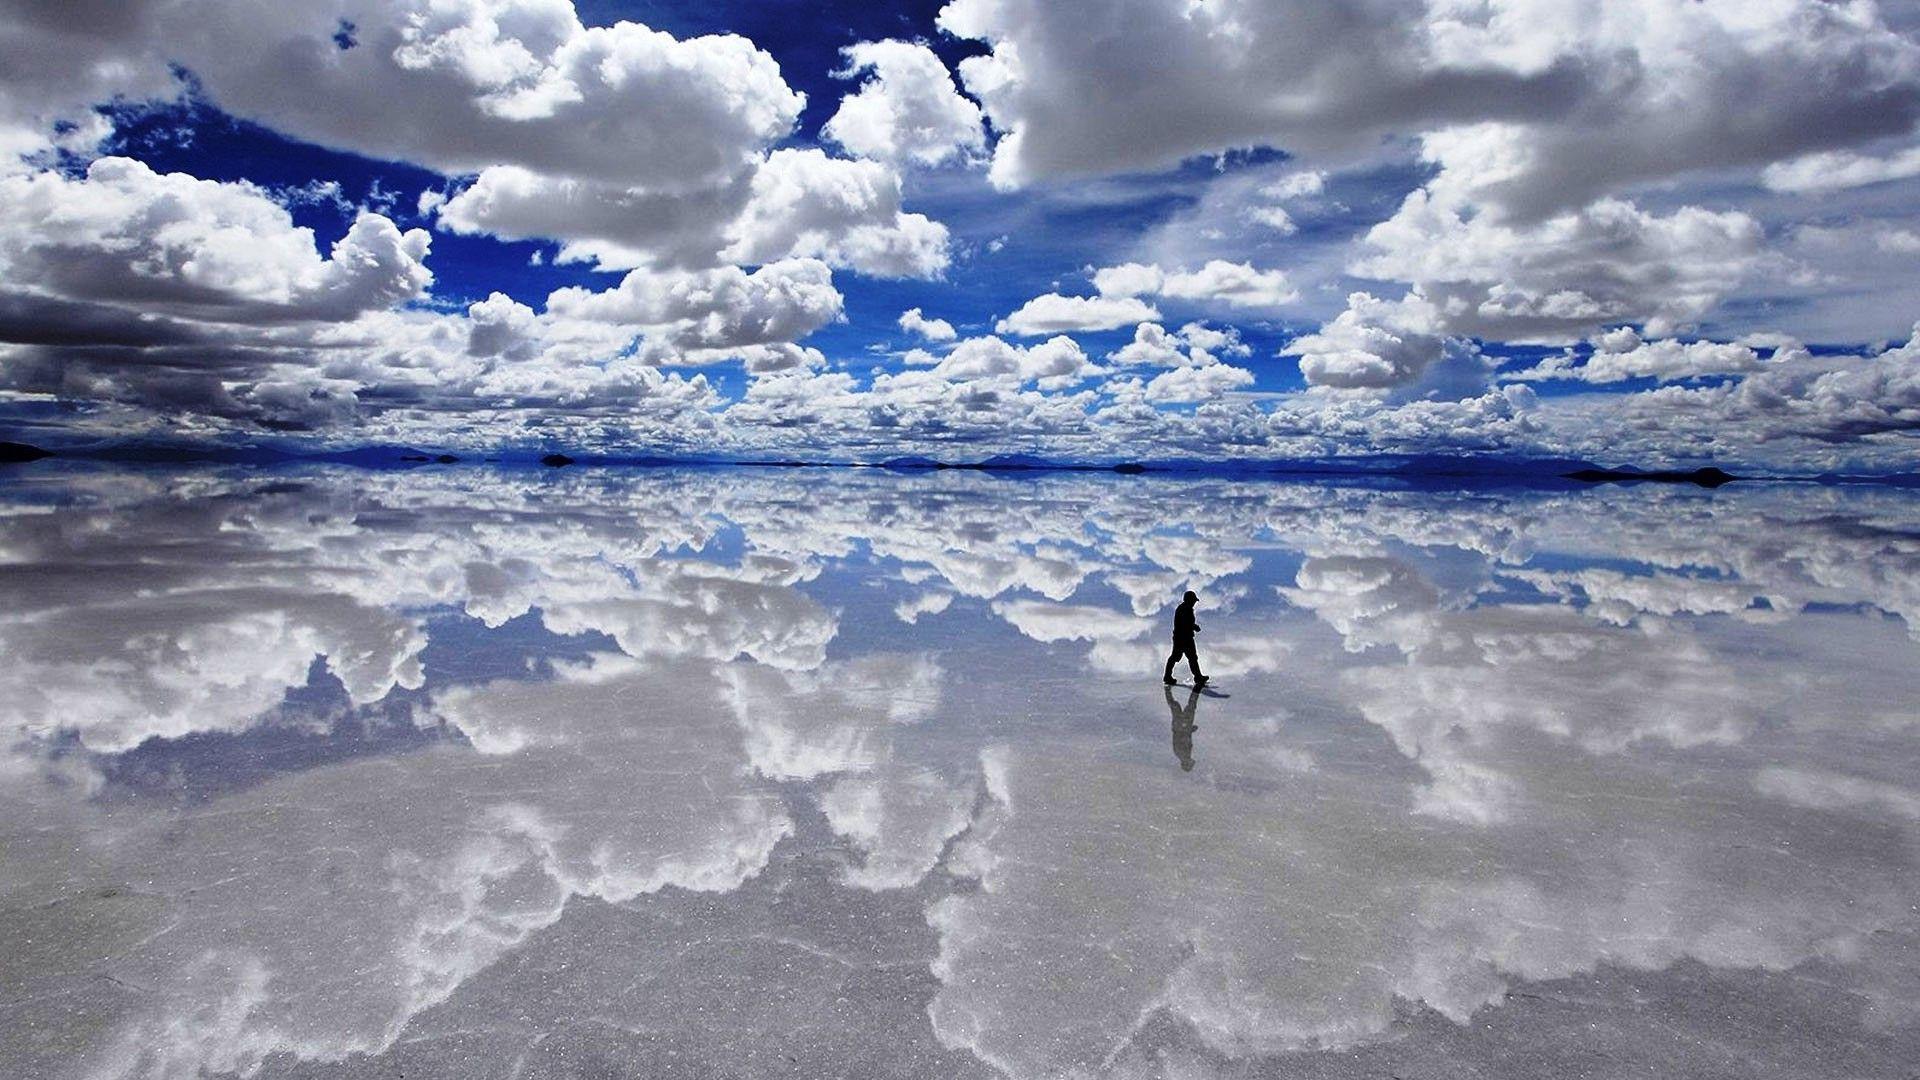 Salar-de-Uyuni-hotel-salt bolivia 1